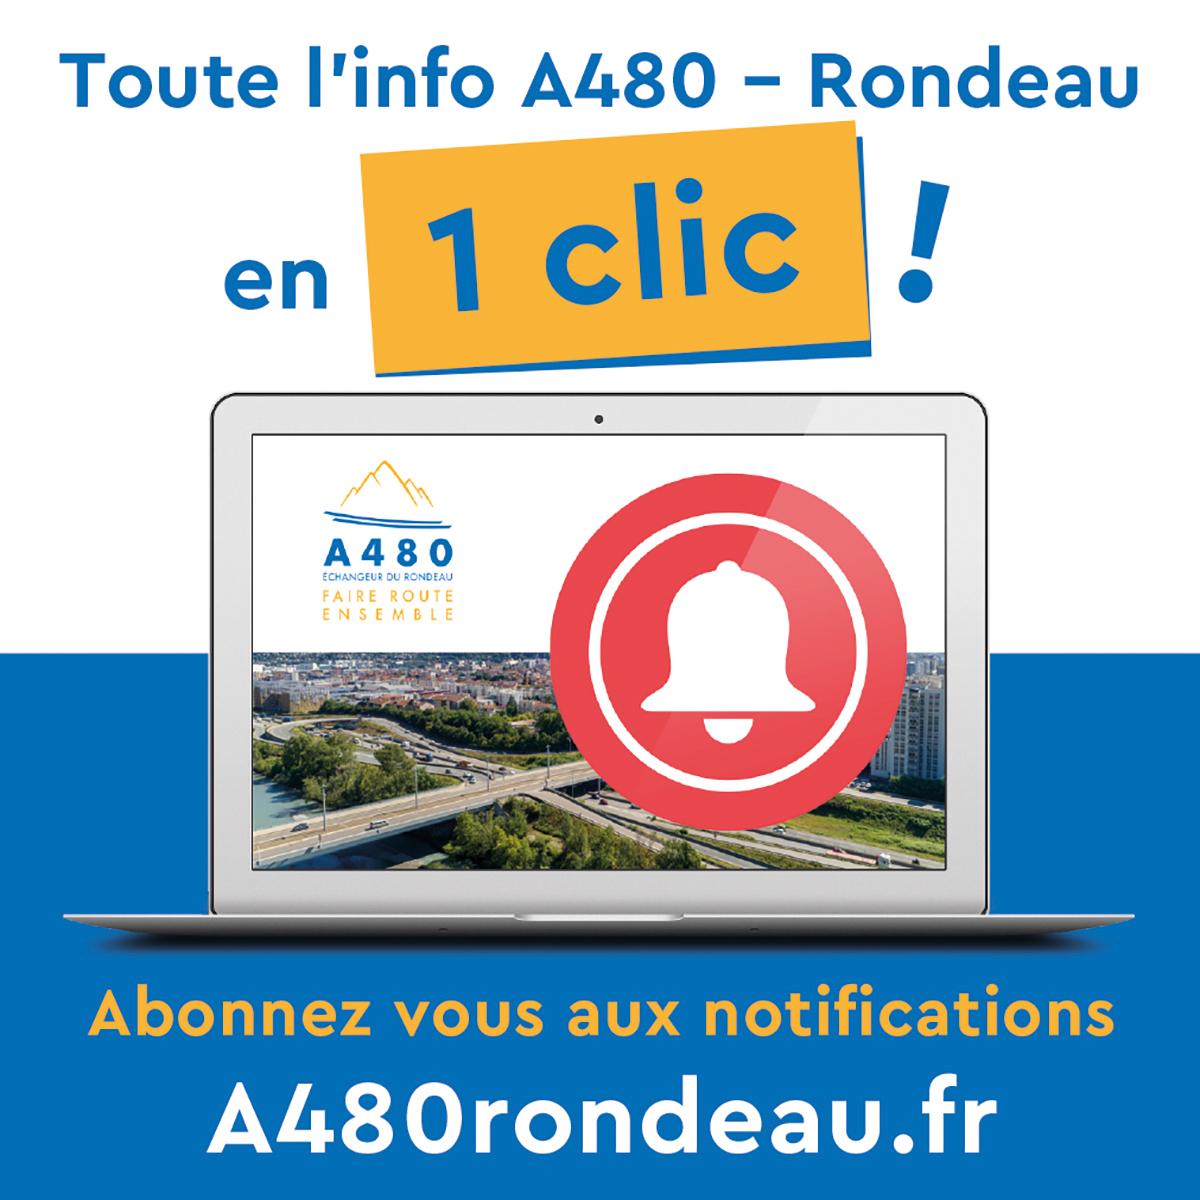 #A480 #SiteWeb #Notification : Le saviez-vous ?